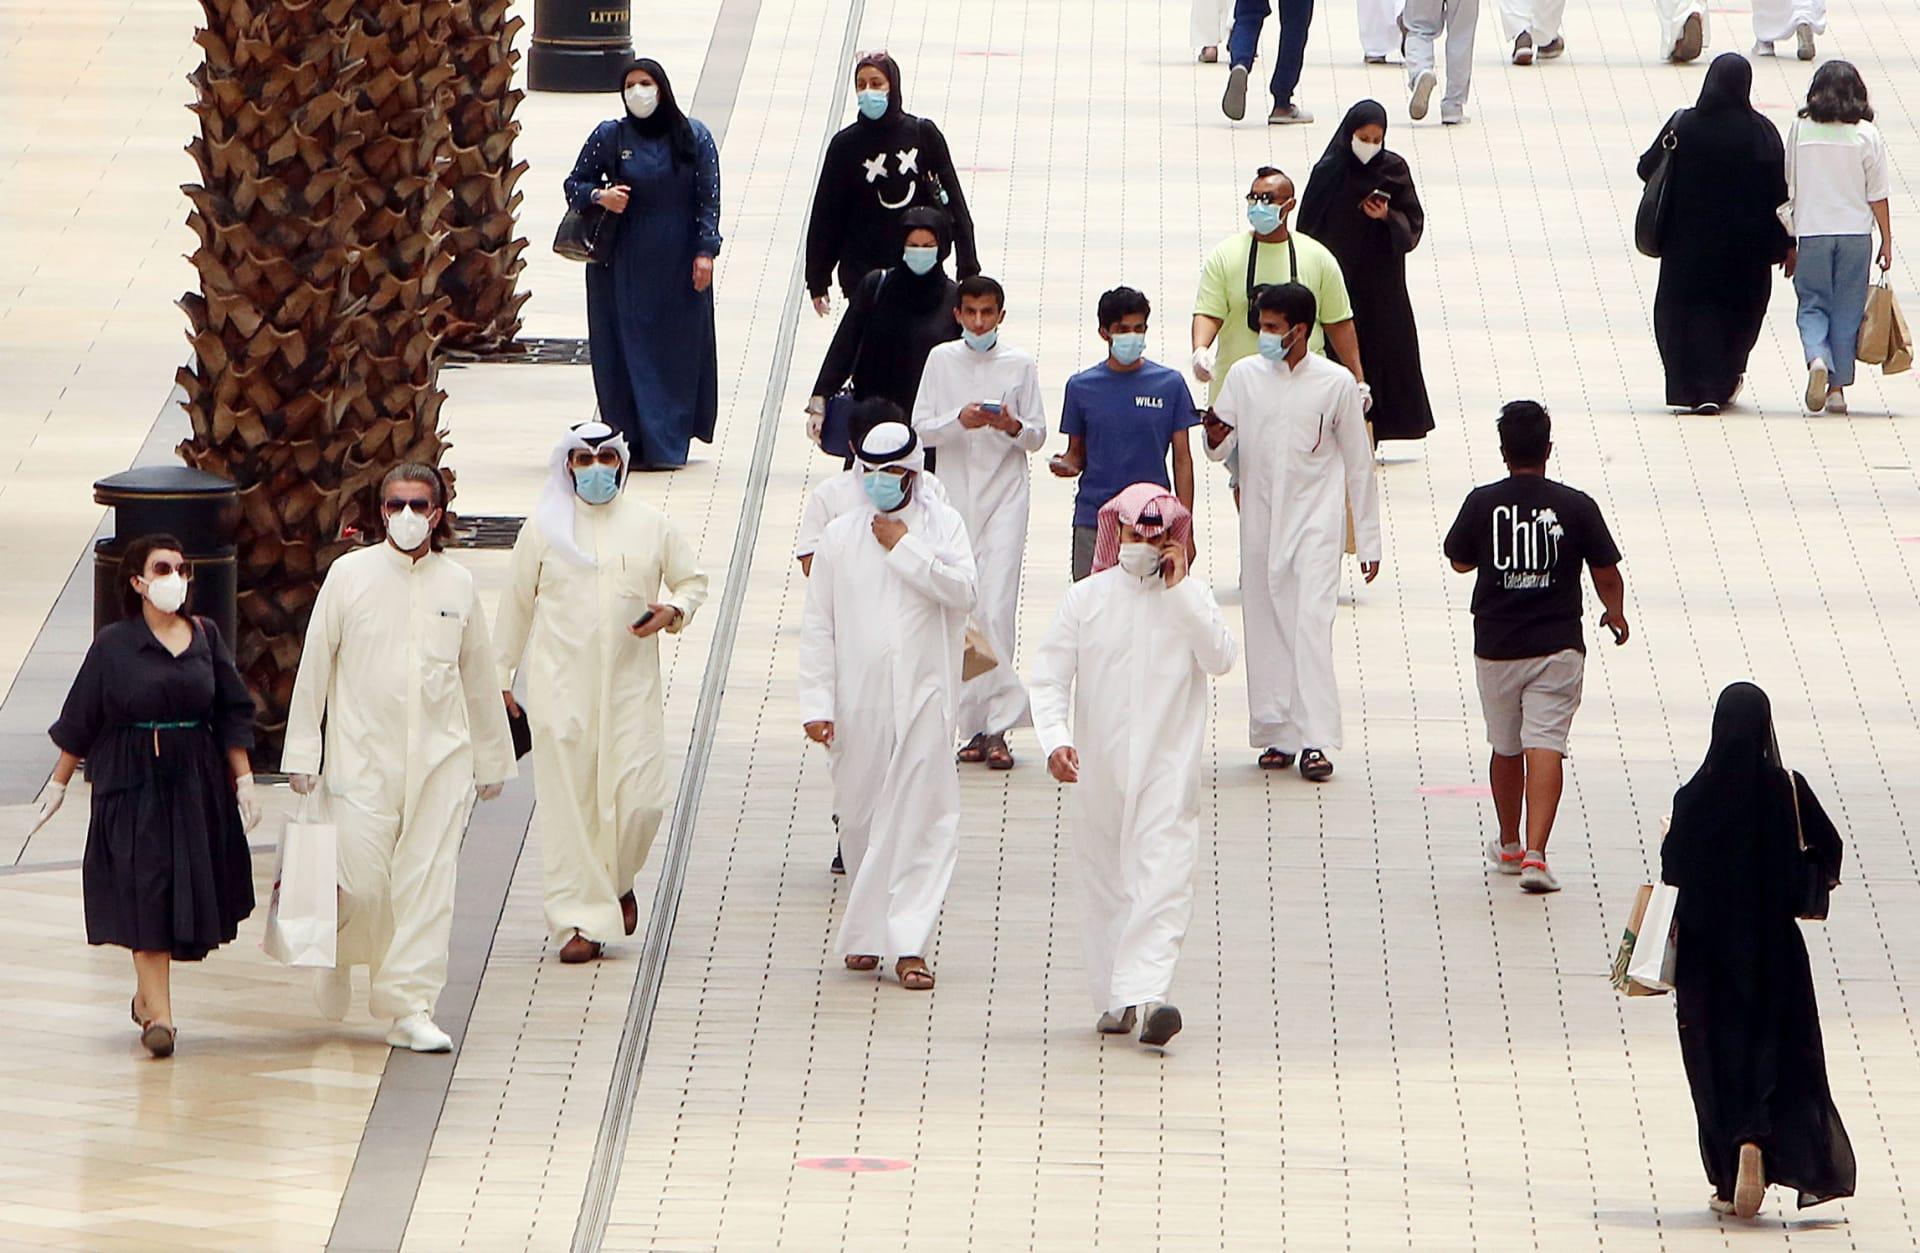 بعد تداول تقارير عن نقص السيولة في الكويت.. وزير المالية يؤكد: الرواتب لن تمس